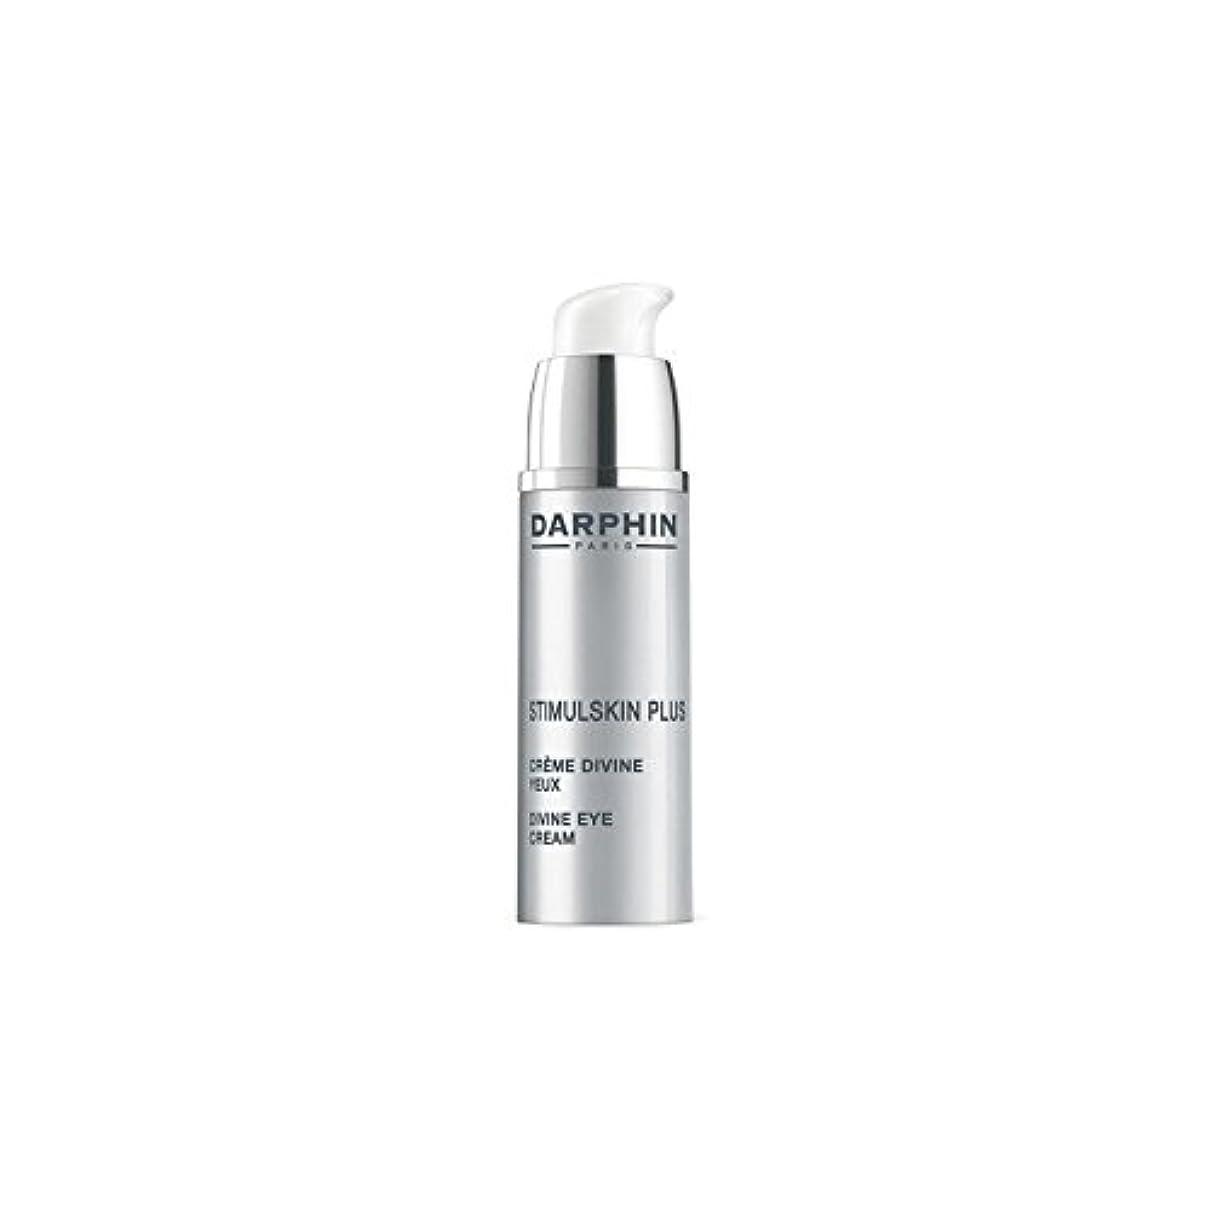 人間パッケージ空中Darphin Stimulskin Plus Divine Illuminating Eye Cream (15ml) (Pack of 6) - ダルファンスティプラス神の照明アイクリーム(15ミリリットル) x6 [並行輸入品]